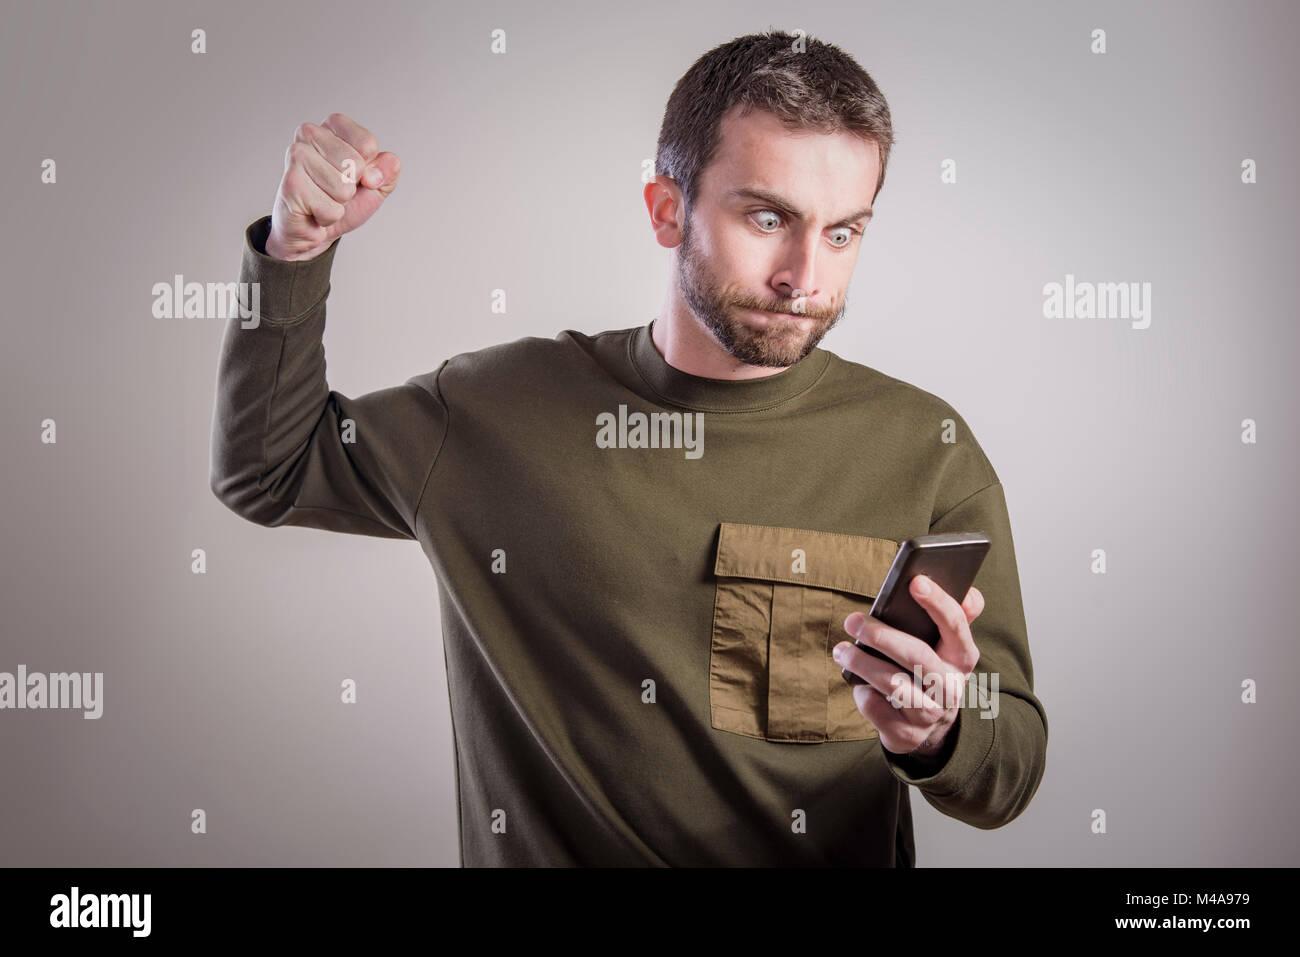 El hombre enojado con su teléfono, indignado y enfurecido Imagen De Stock